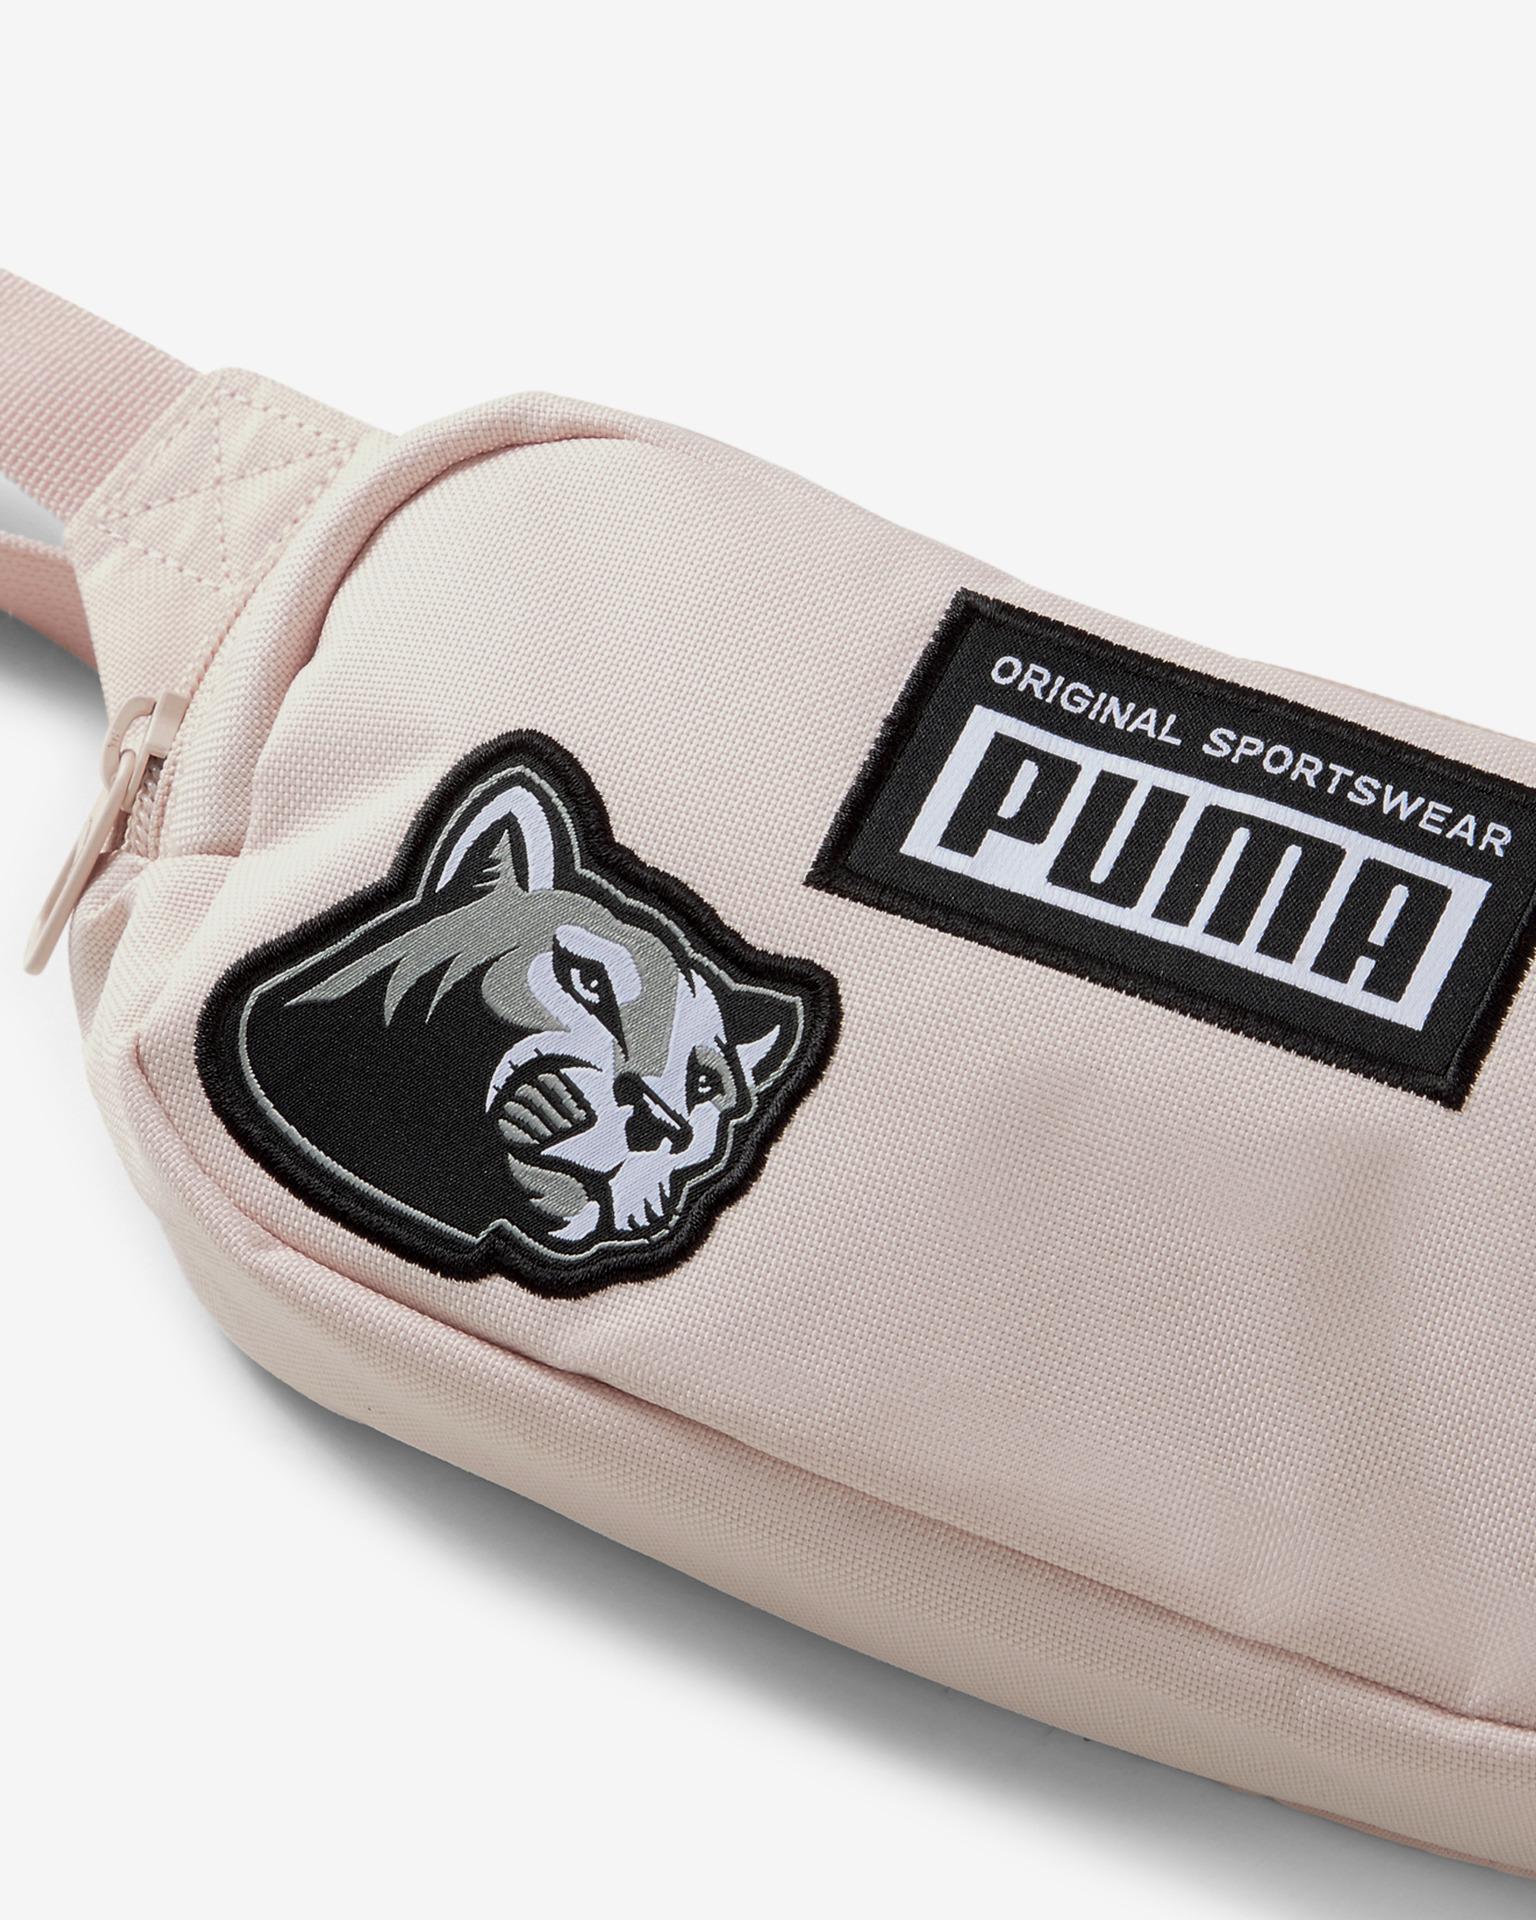 Puma Damska torebka biodrowa różowy Ledvinka